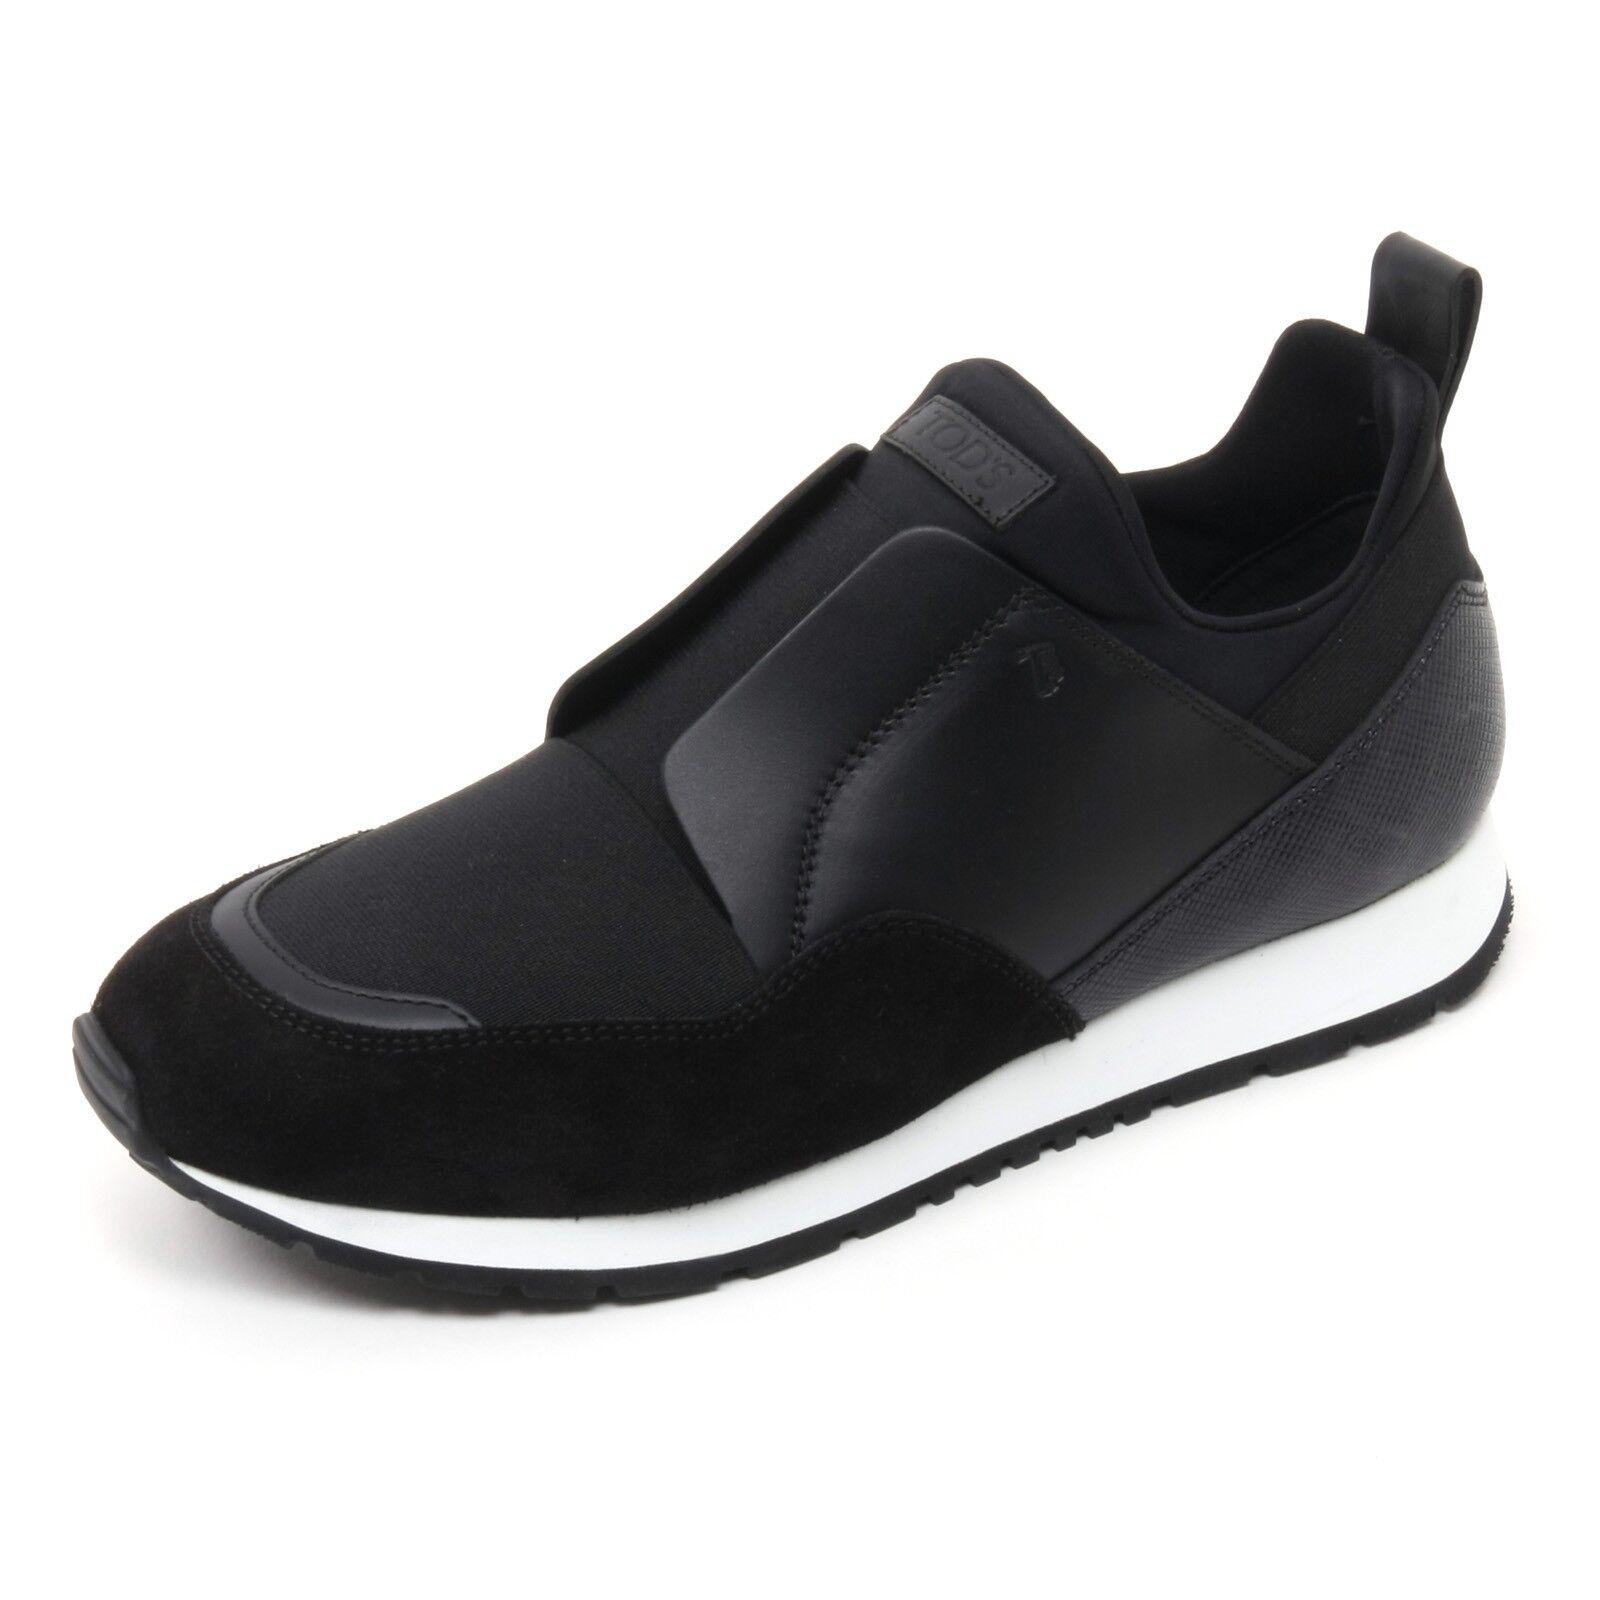 B7245 sneaker donna TOD'S shoe scarpa sportivo yo nero shoe TOD'S woman 601025